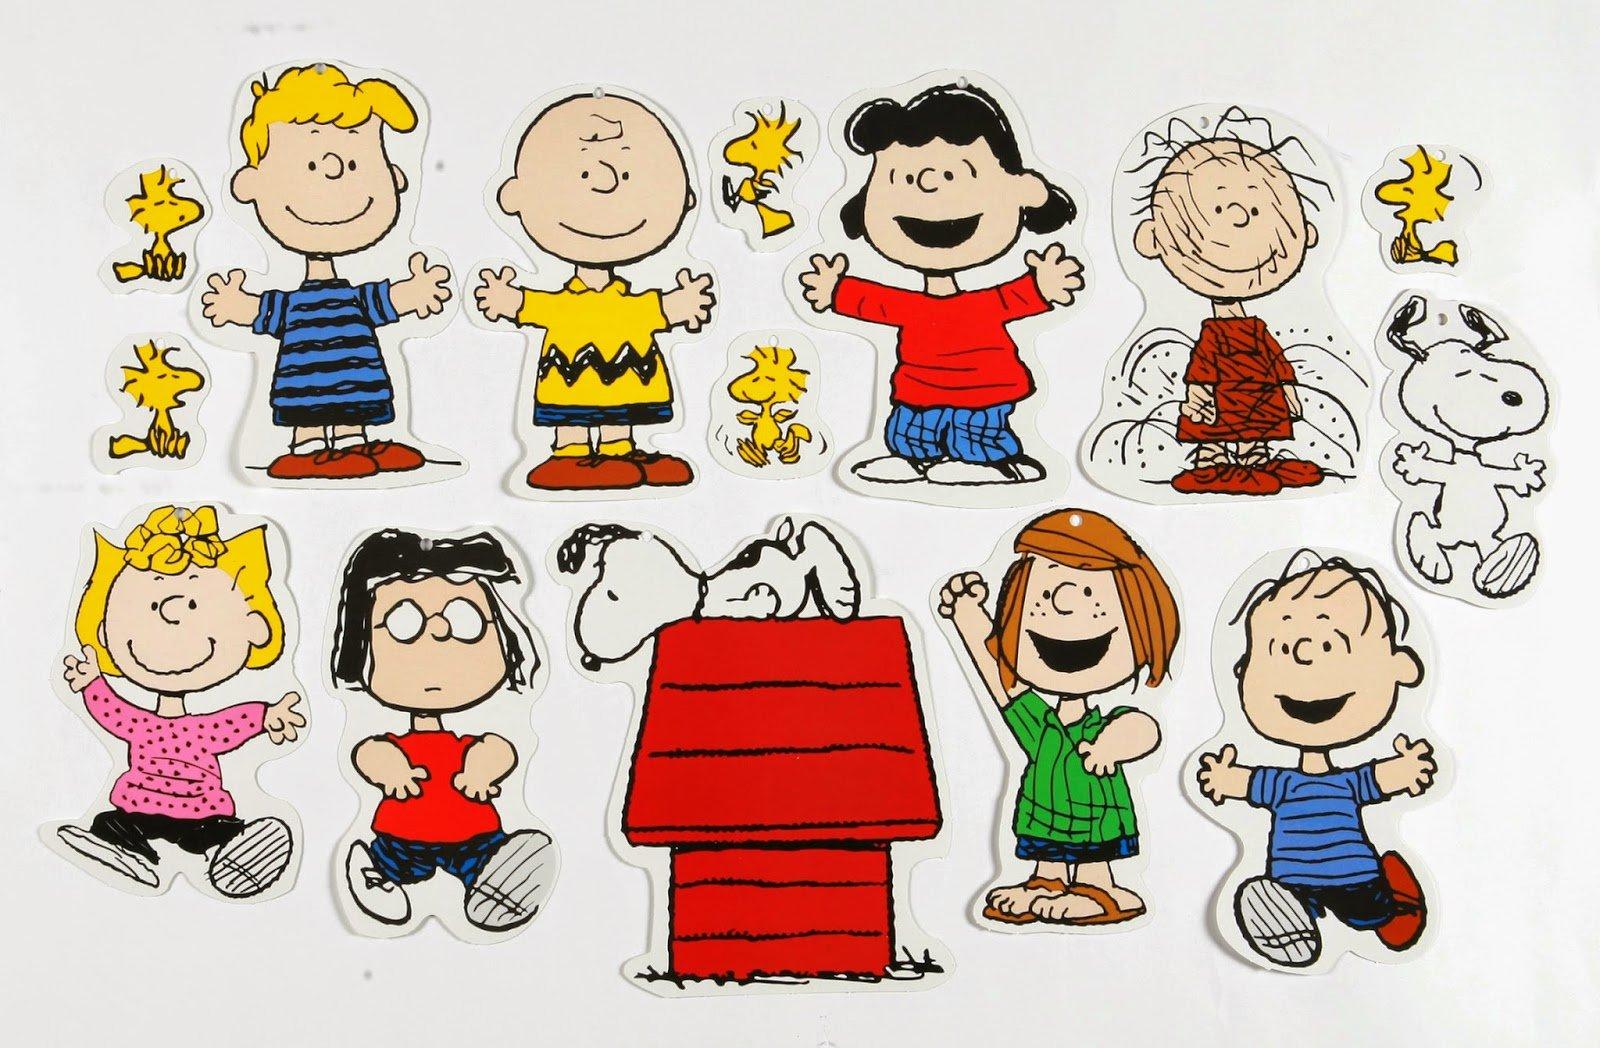 PEANUTS MOVIE animation family snoopy comedy cgi wallpaper ...